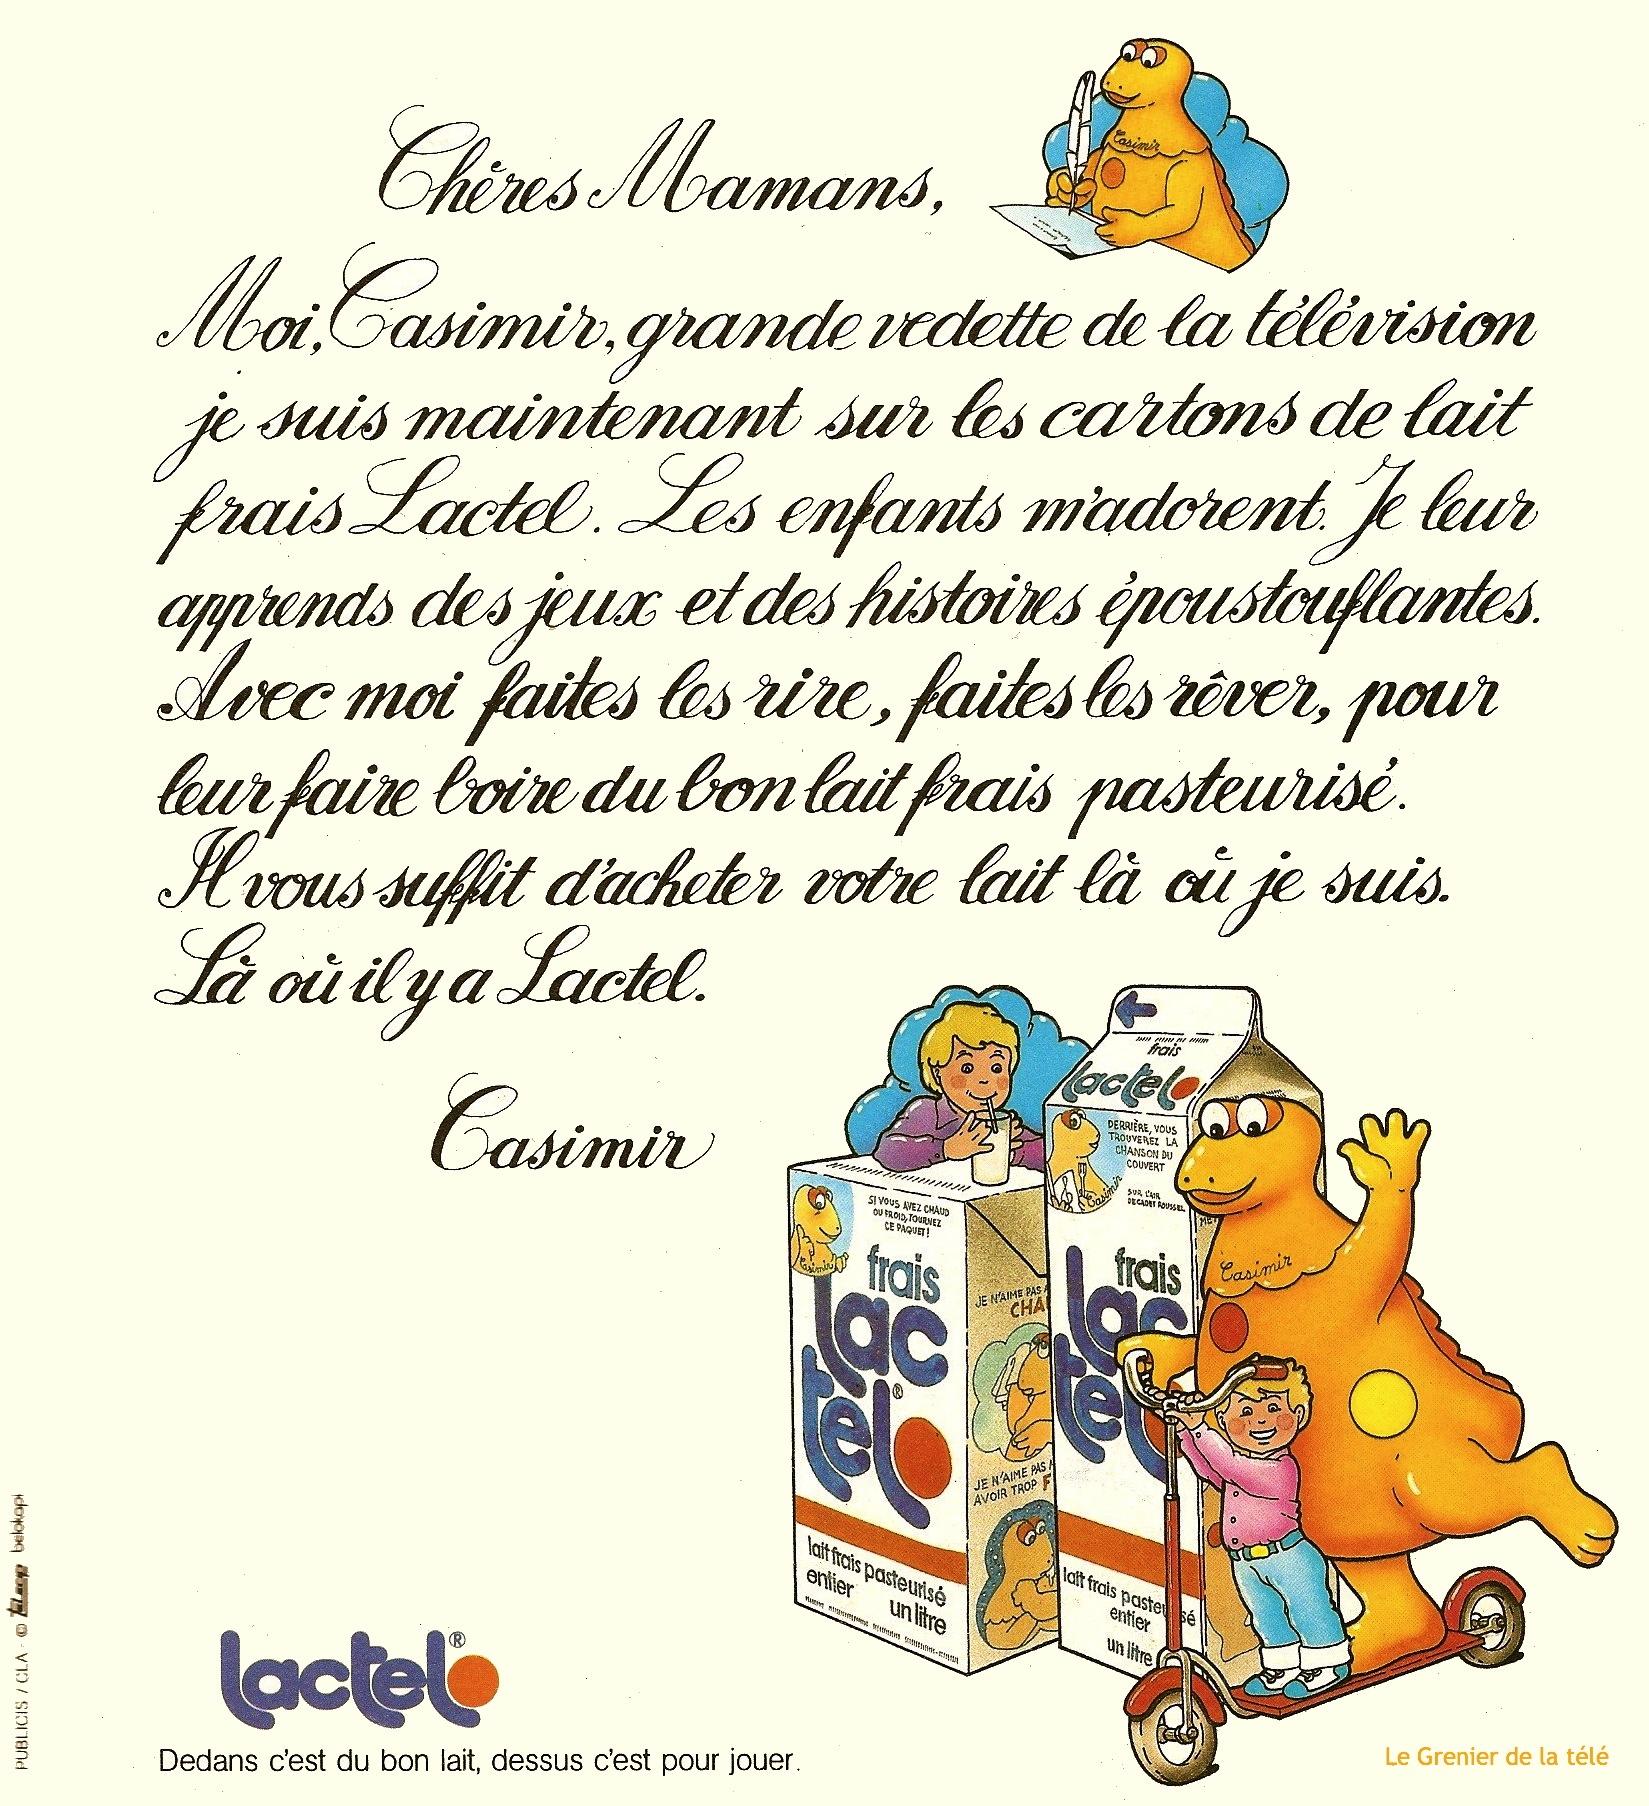 http://grenierdelatv.free.fr/2/casimirlactel01.jpg